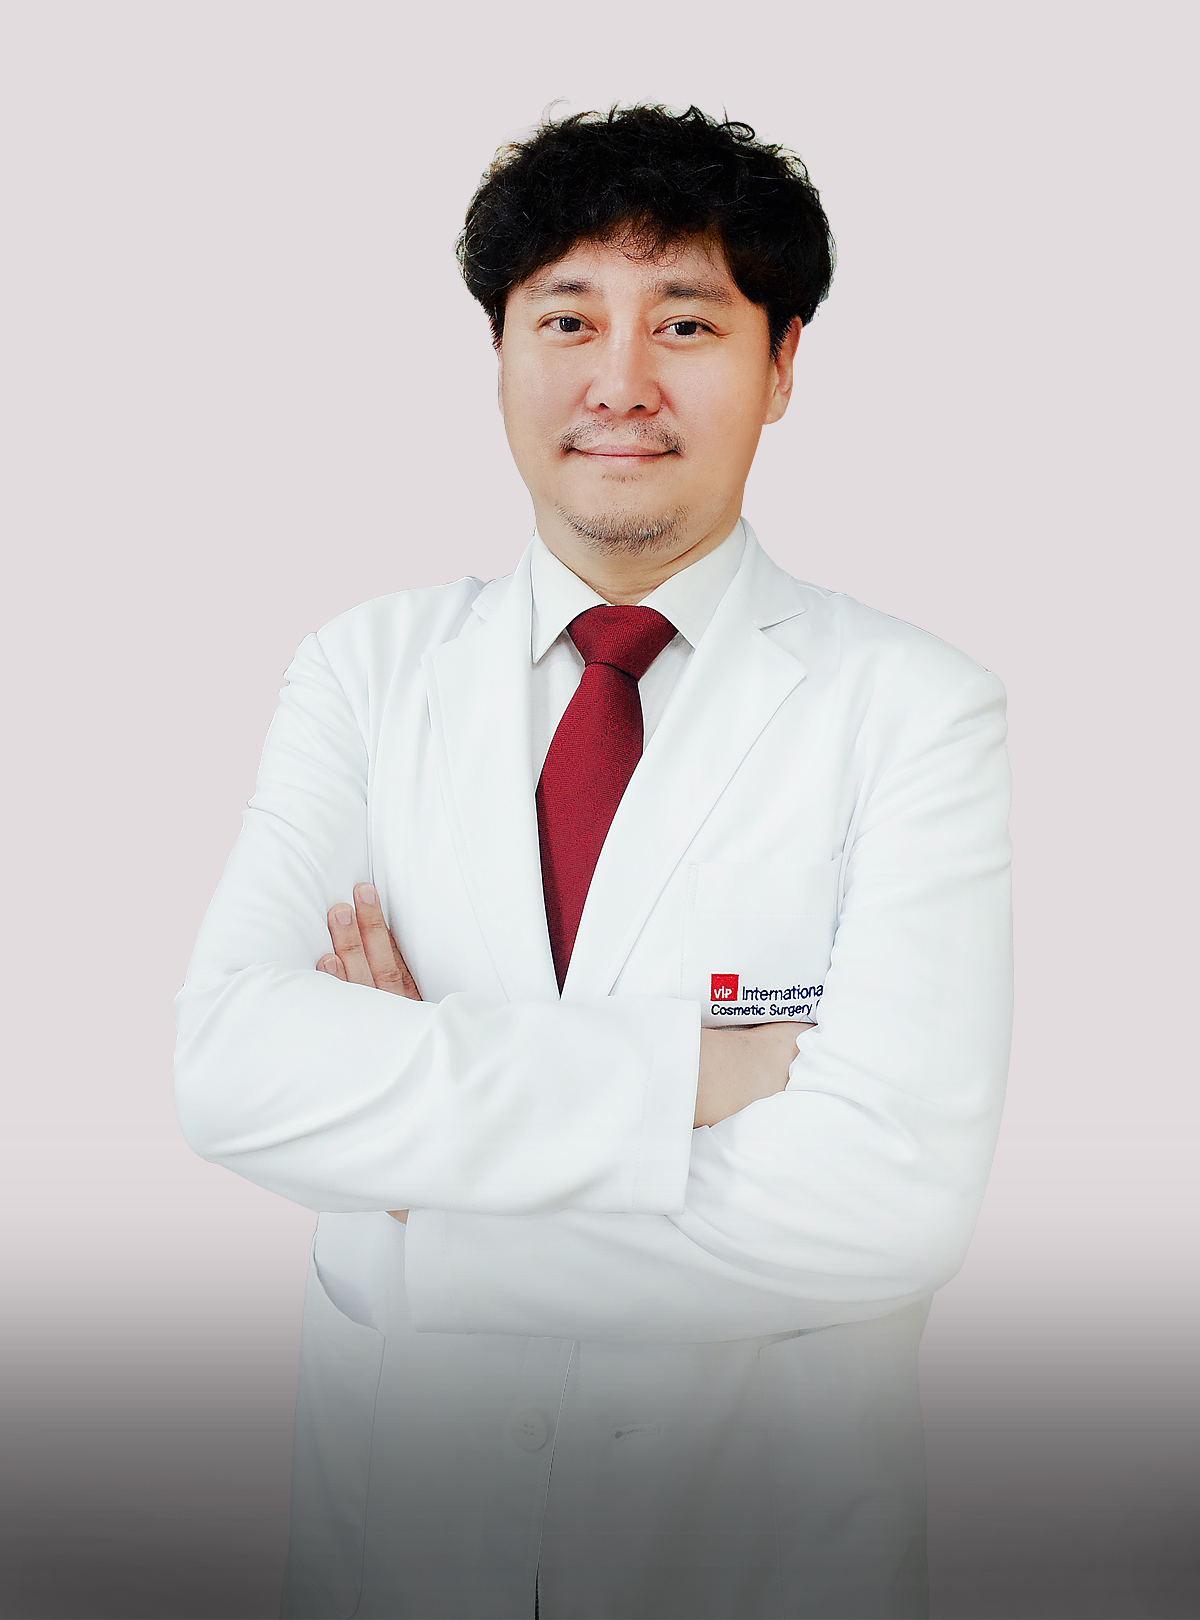 Dr. Chang Hyung Wook